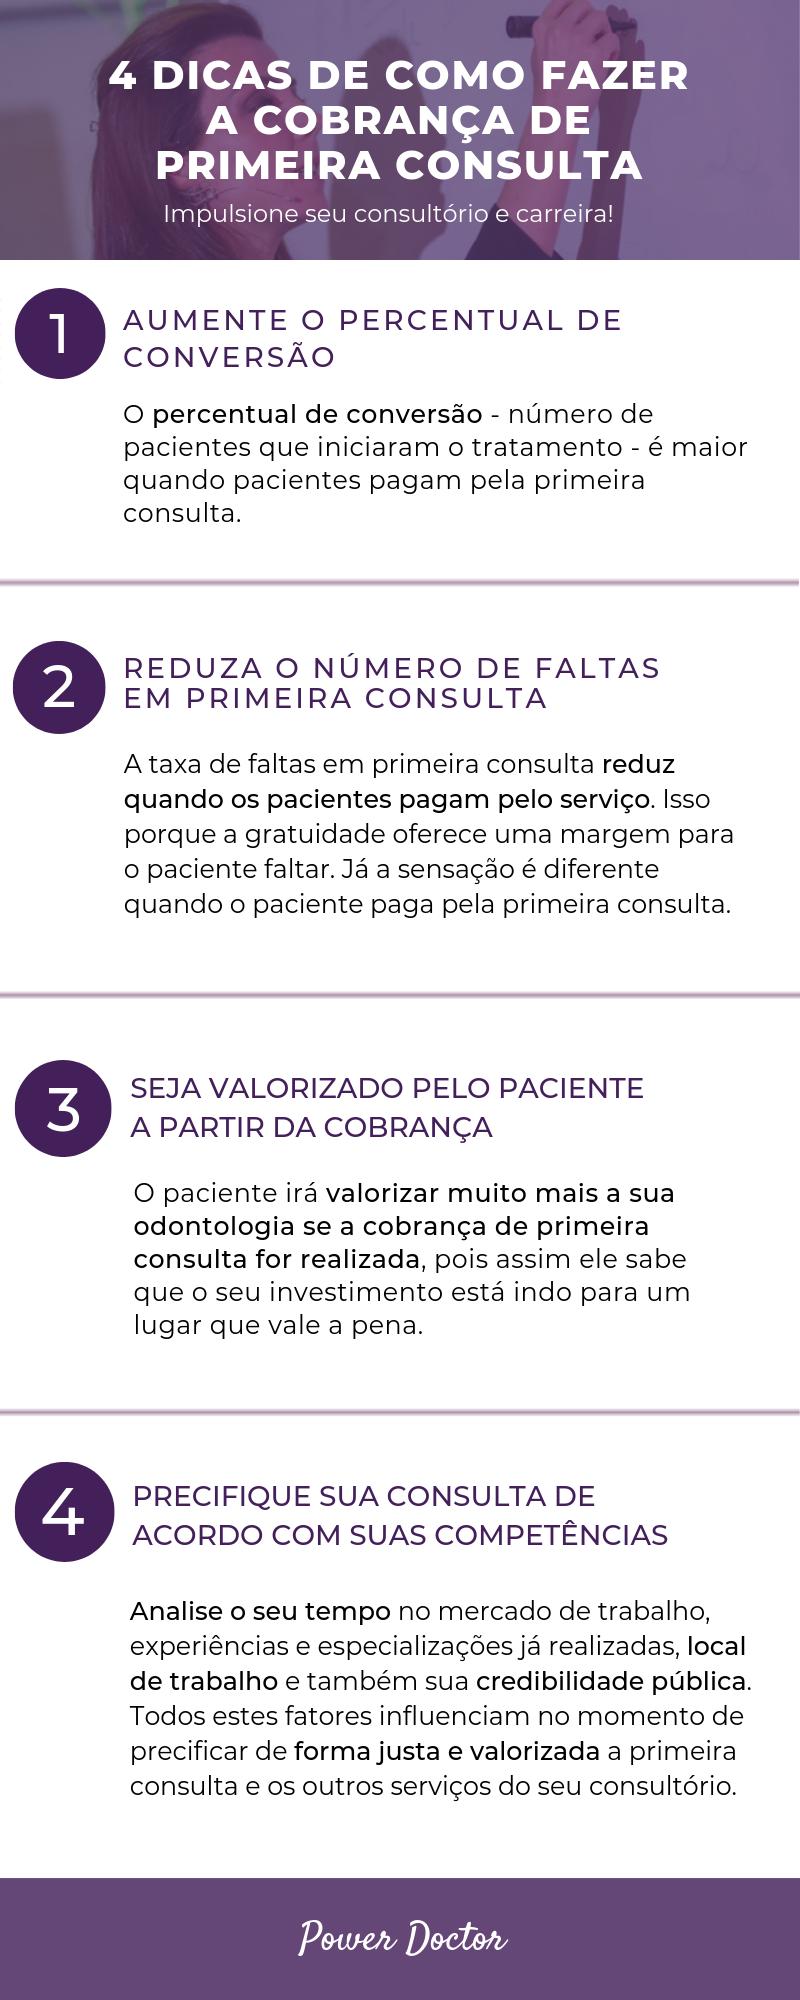 4-dicas-de-fazer-cobranca-na-primeira-consulta